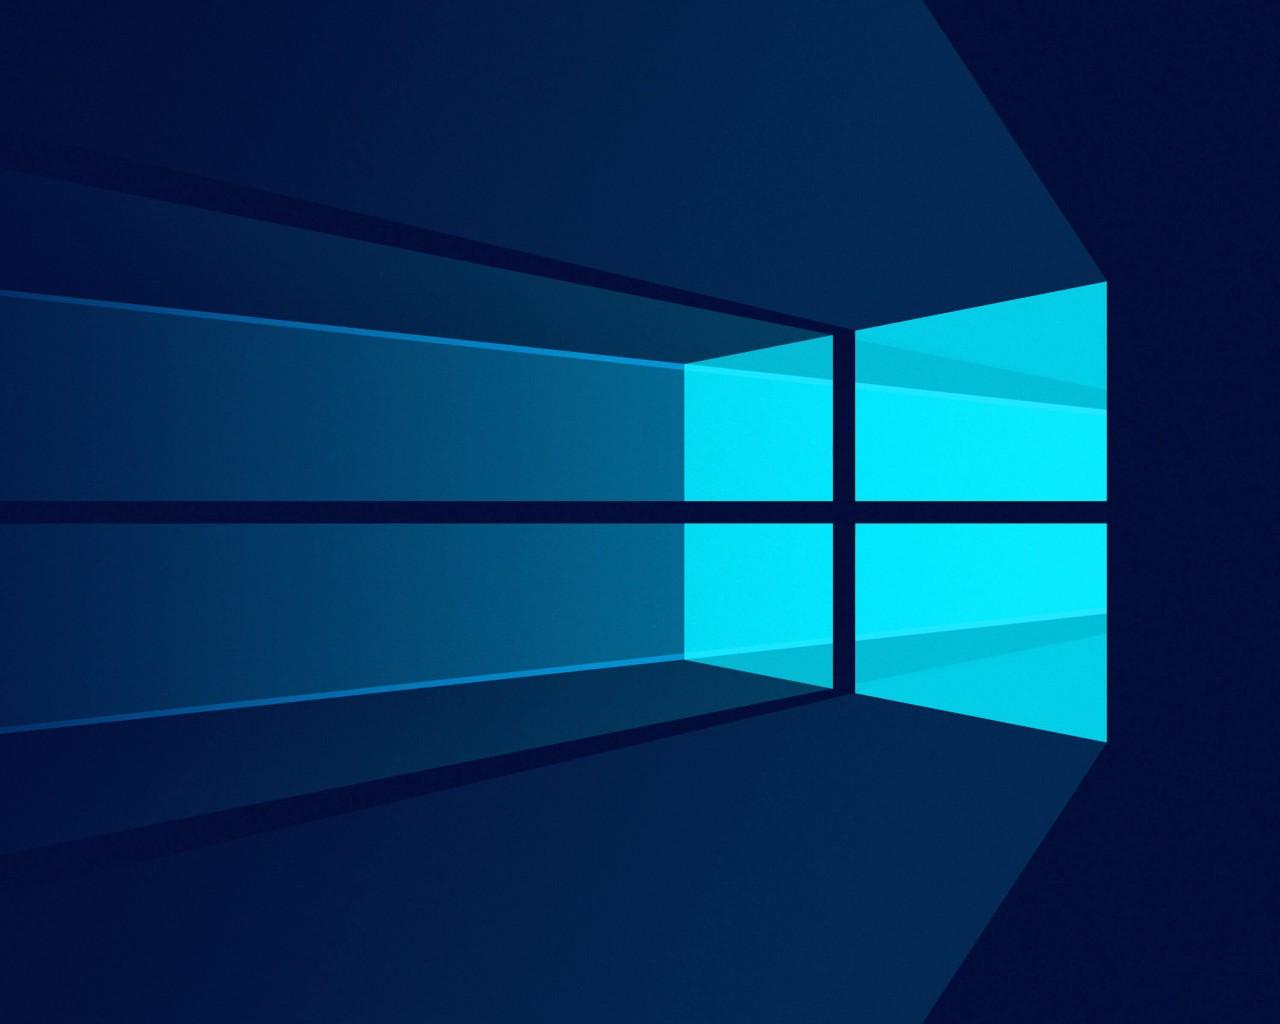 Windows  Flat Hd Wallpaper For  Hdwallpapersnet X